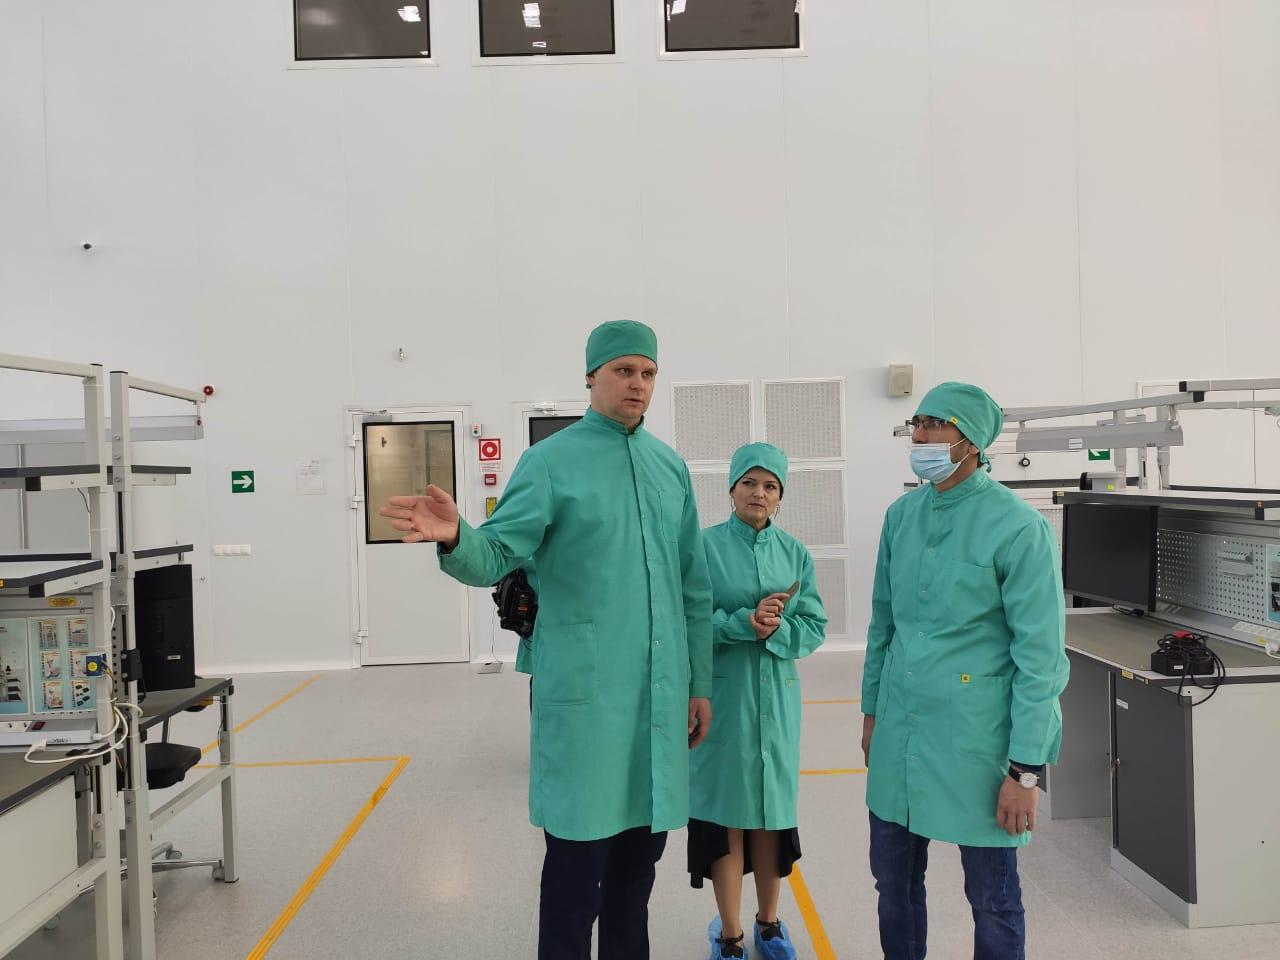 Ярославские предприятия выпускают продукцию для космической отрасли